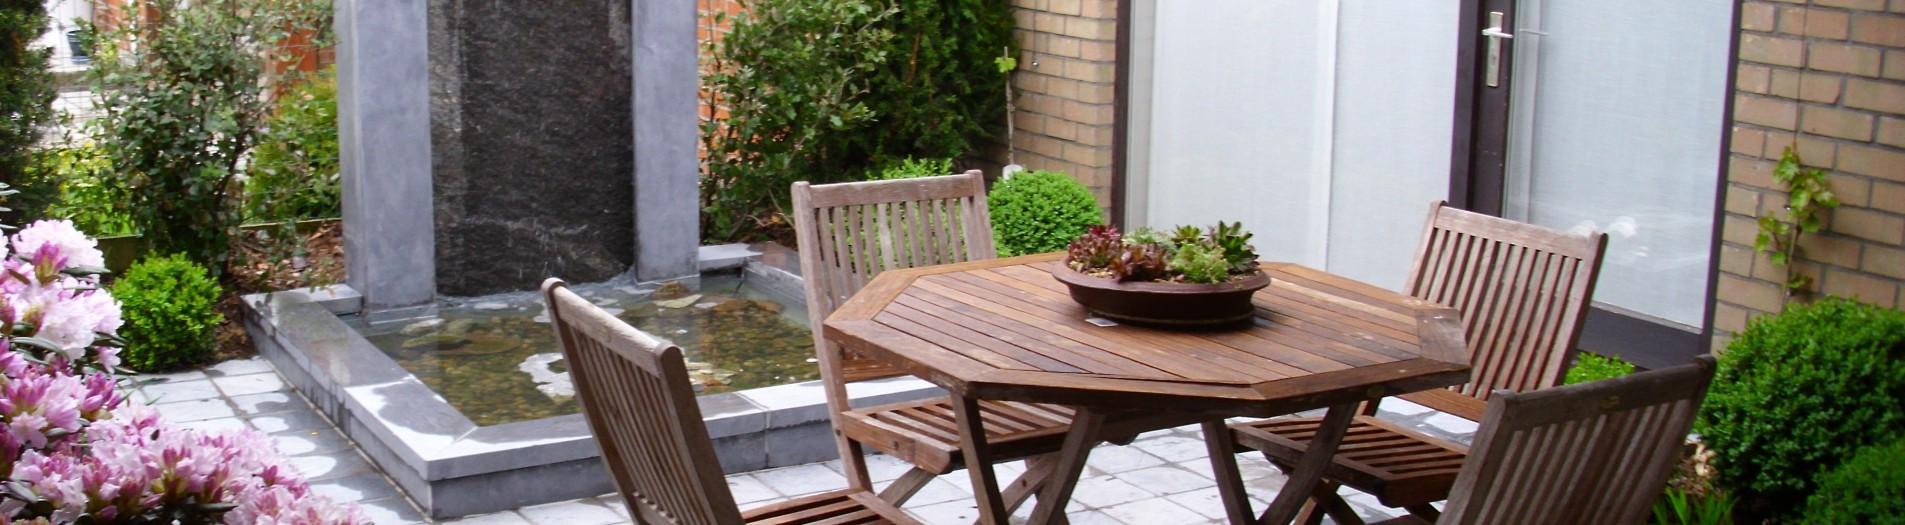 Kleine binnentuin met waterval